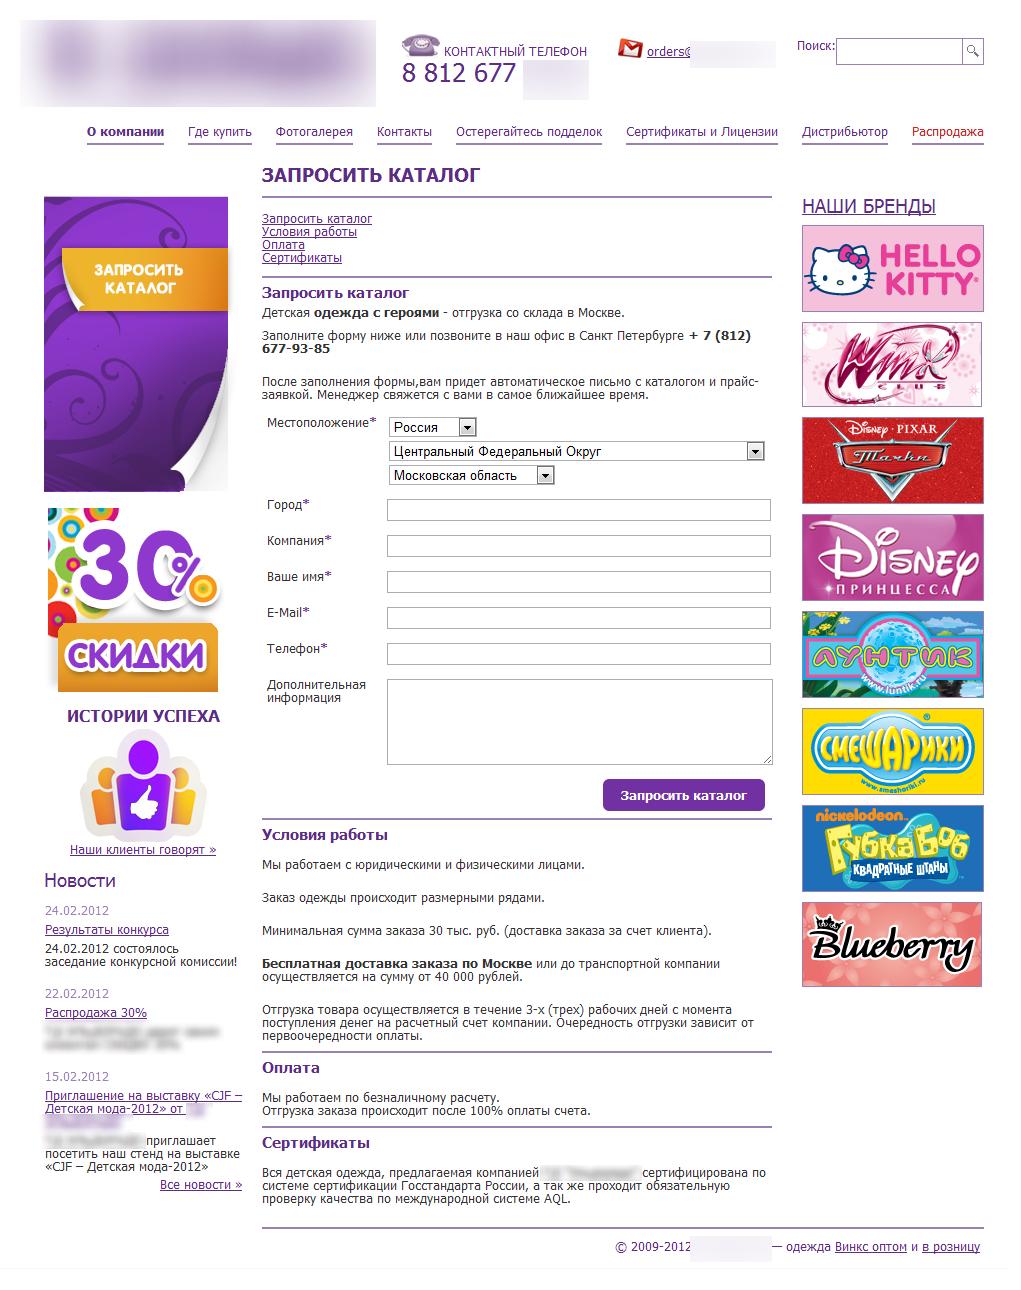 Как выглядел сайт до того, как мы создали новые целевые страницы